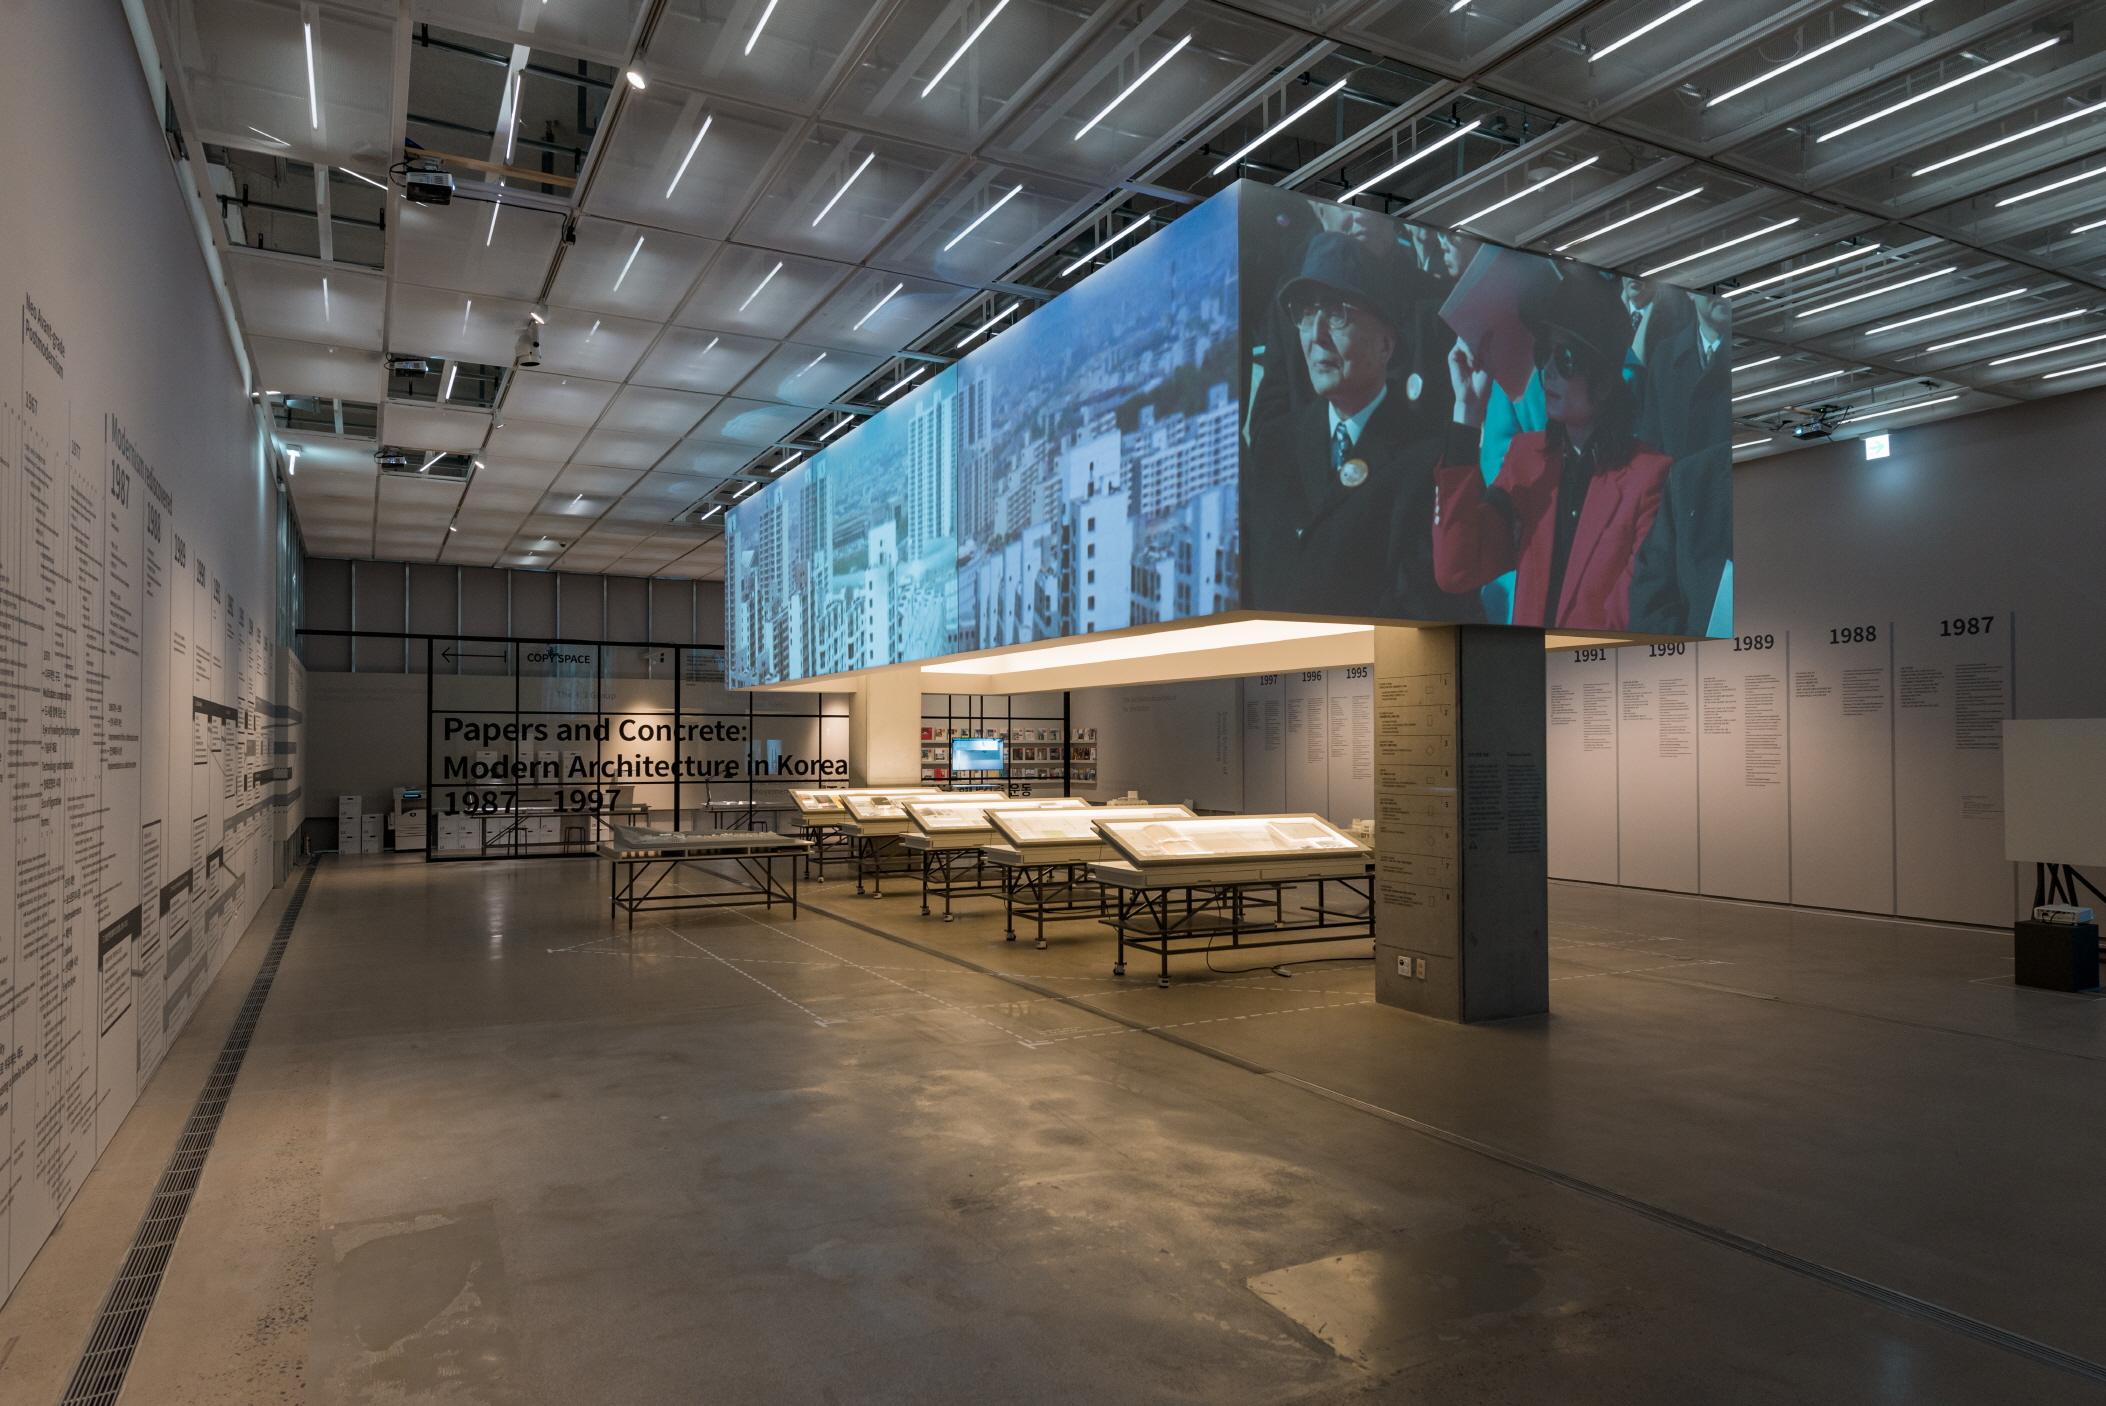 〔안정원의 디자인 칼럼〕 종이와 콘크리트로 비춰본 한국 현대건축 운동 흐름 읽기